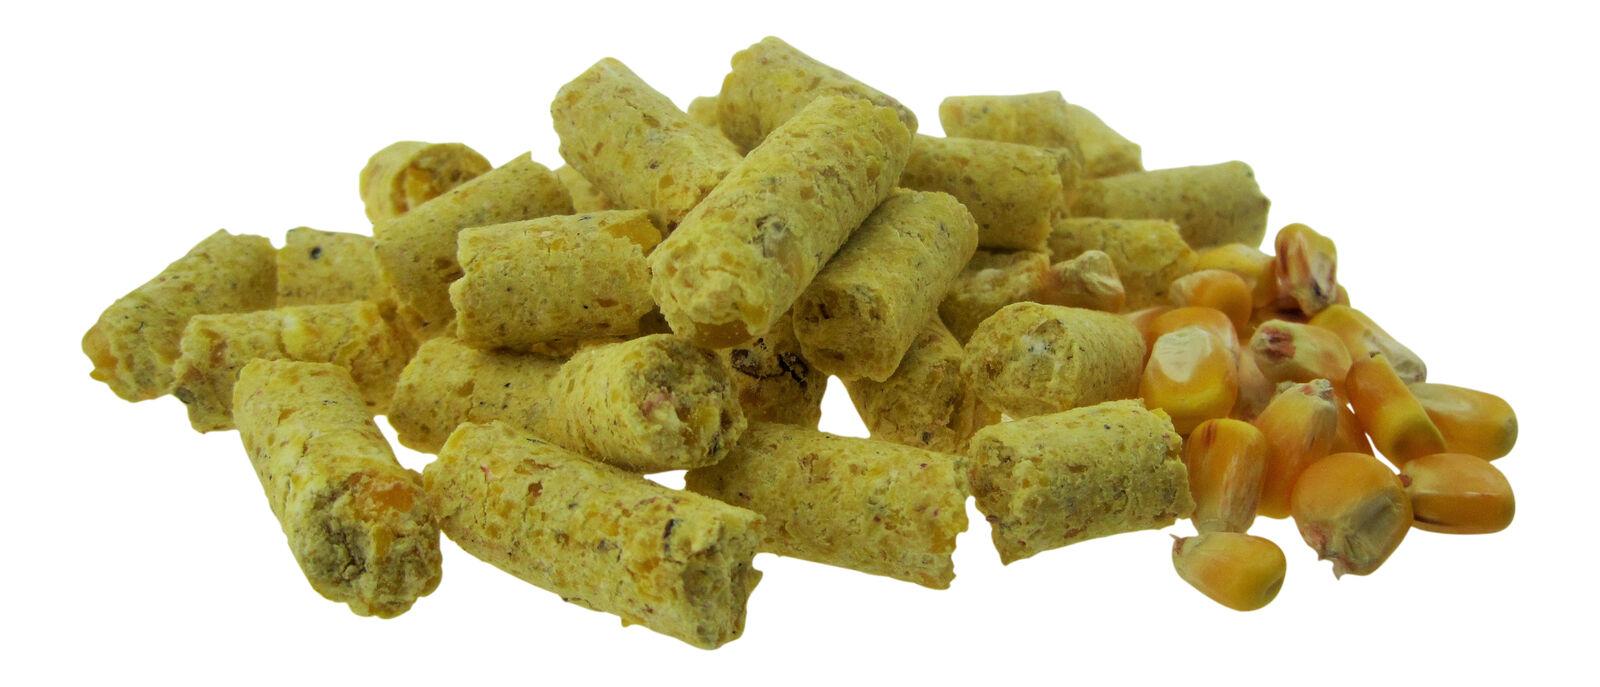 1,30 EUR  kg Pellets de maíz 10mm 20kg Maíz Maíz Maíz Maíz PELLETS babycorn 357a07